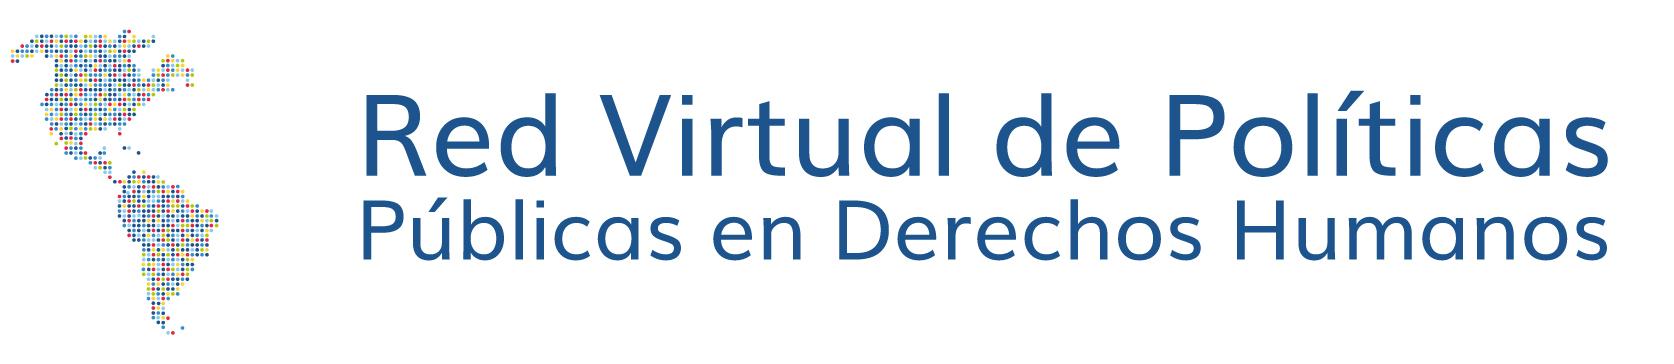 Red Virtual de Políticas Públicas en Derechos Humanos